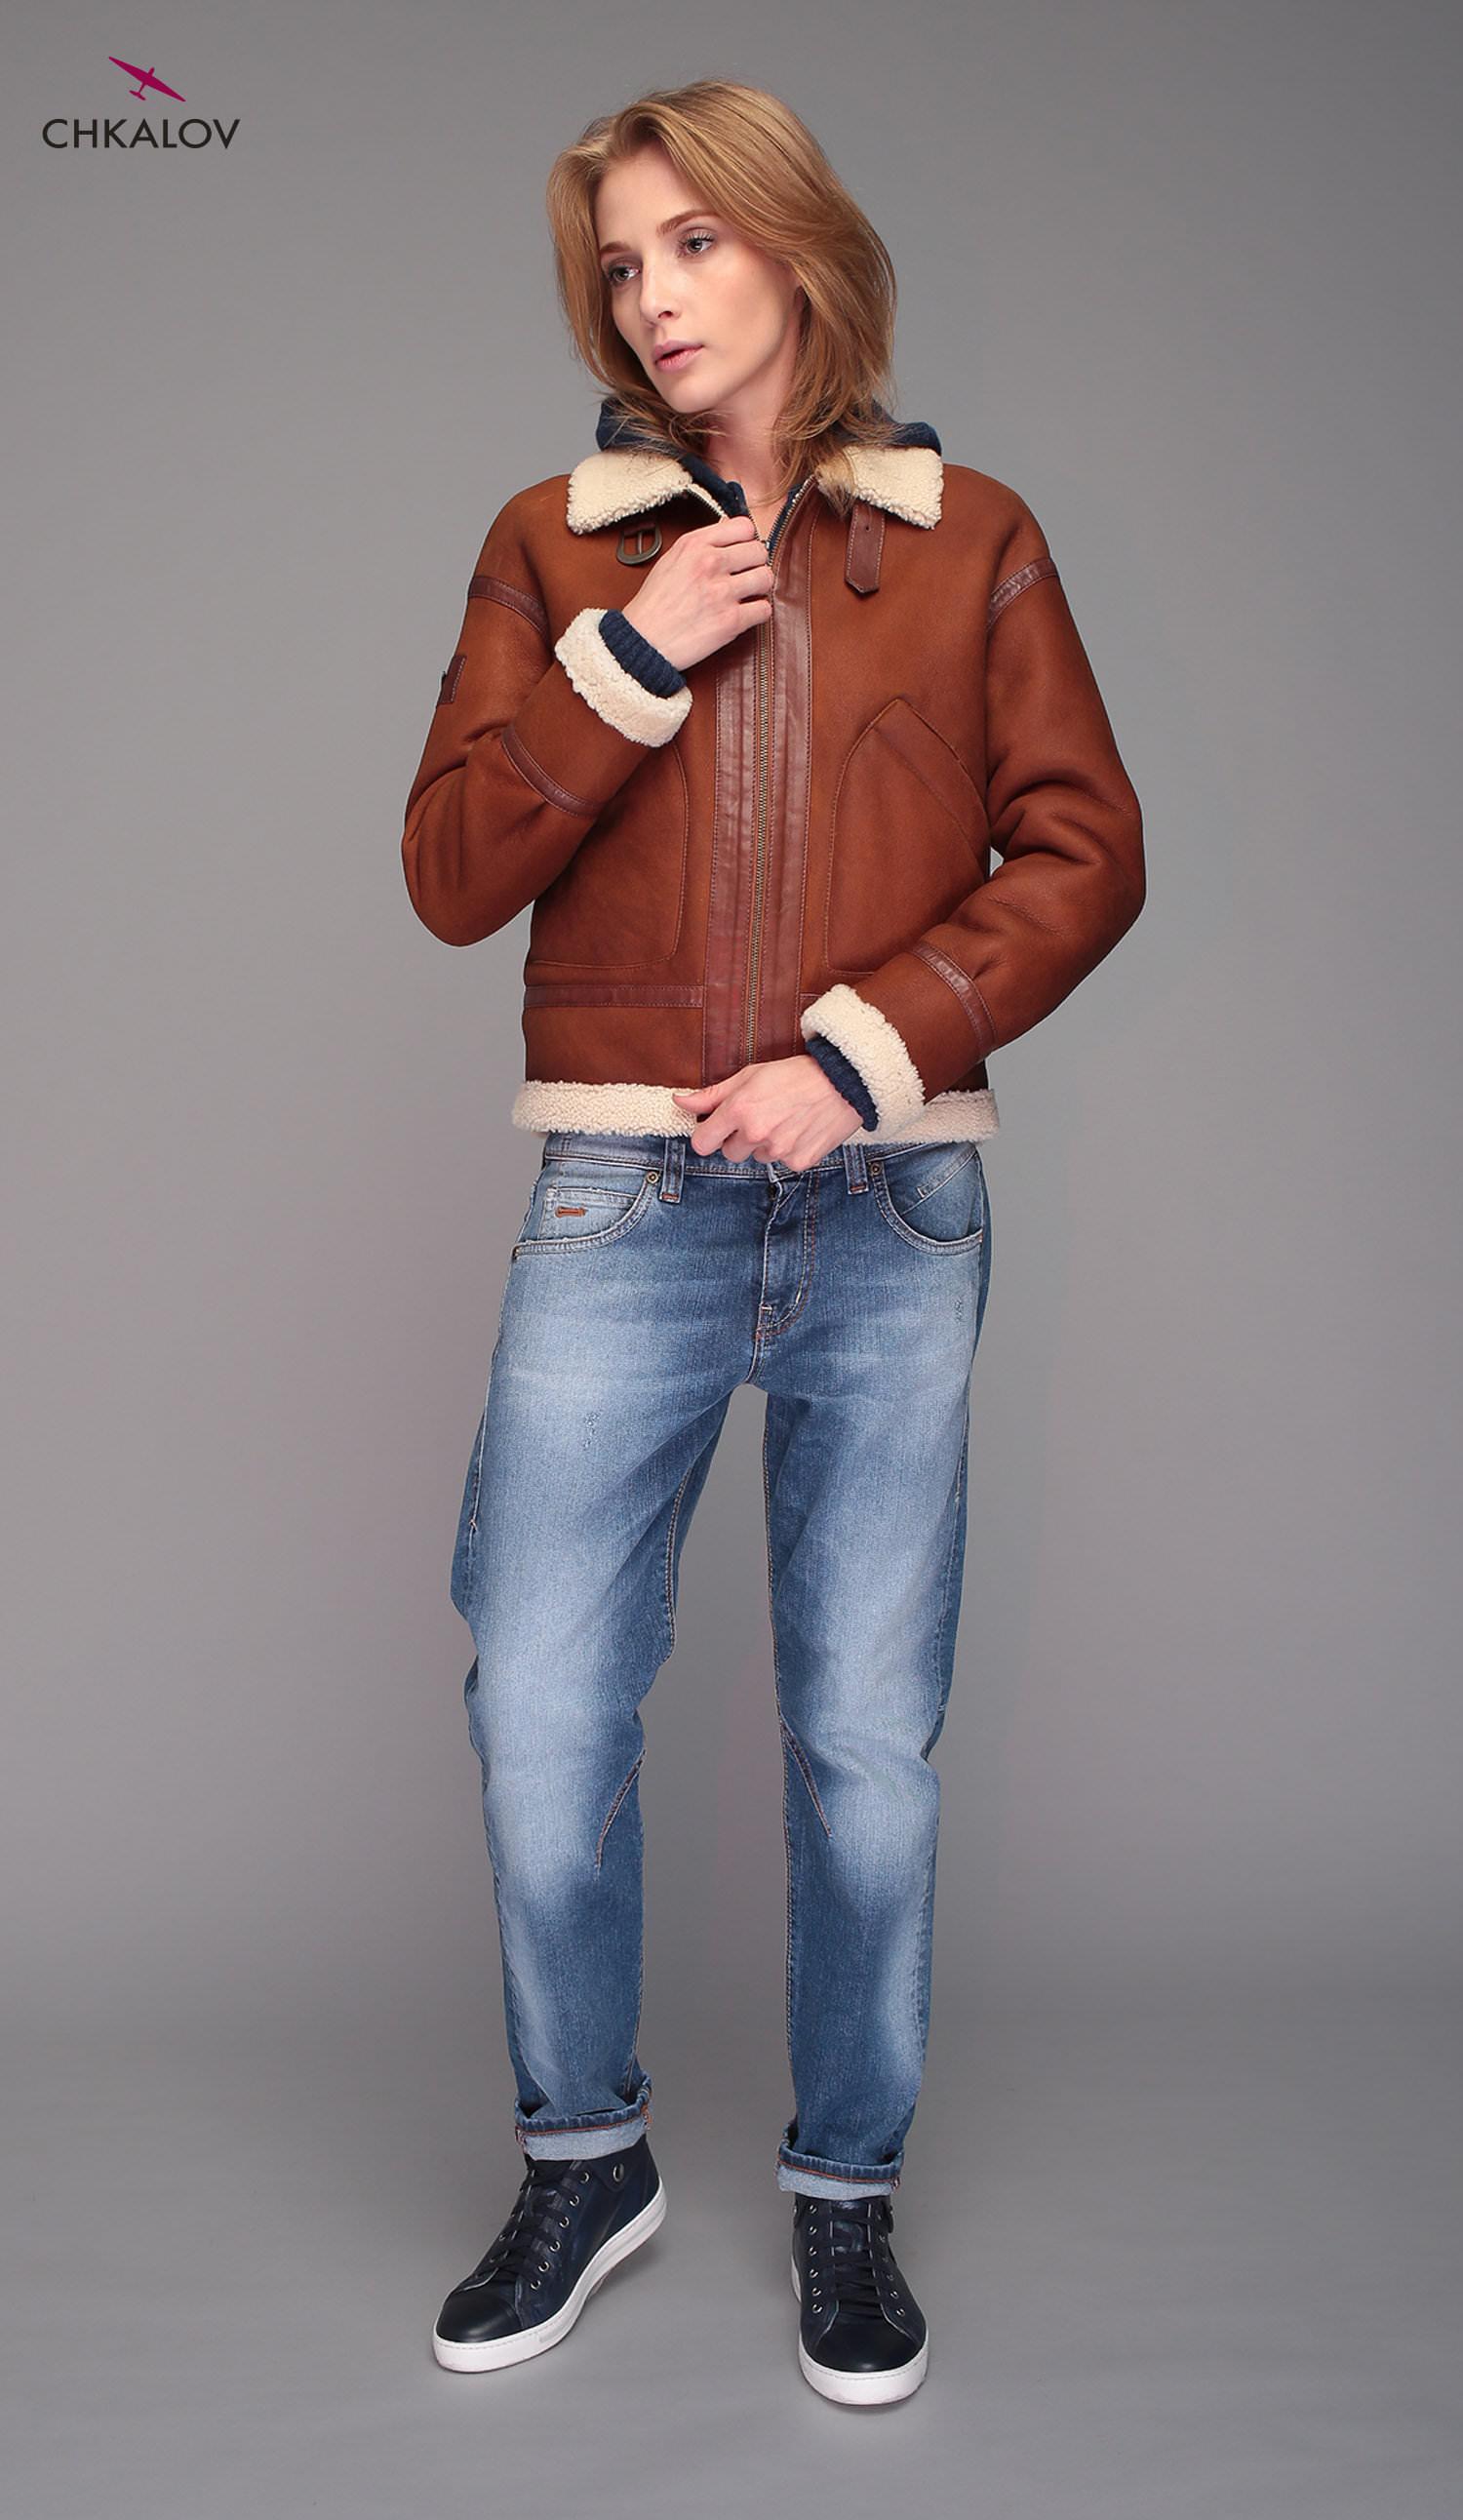 Купить куртку пилот в москве